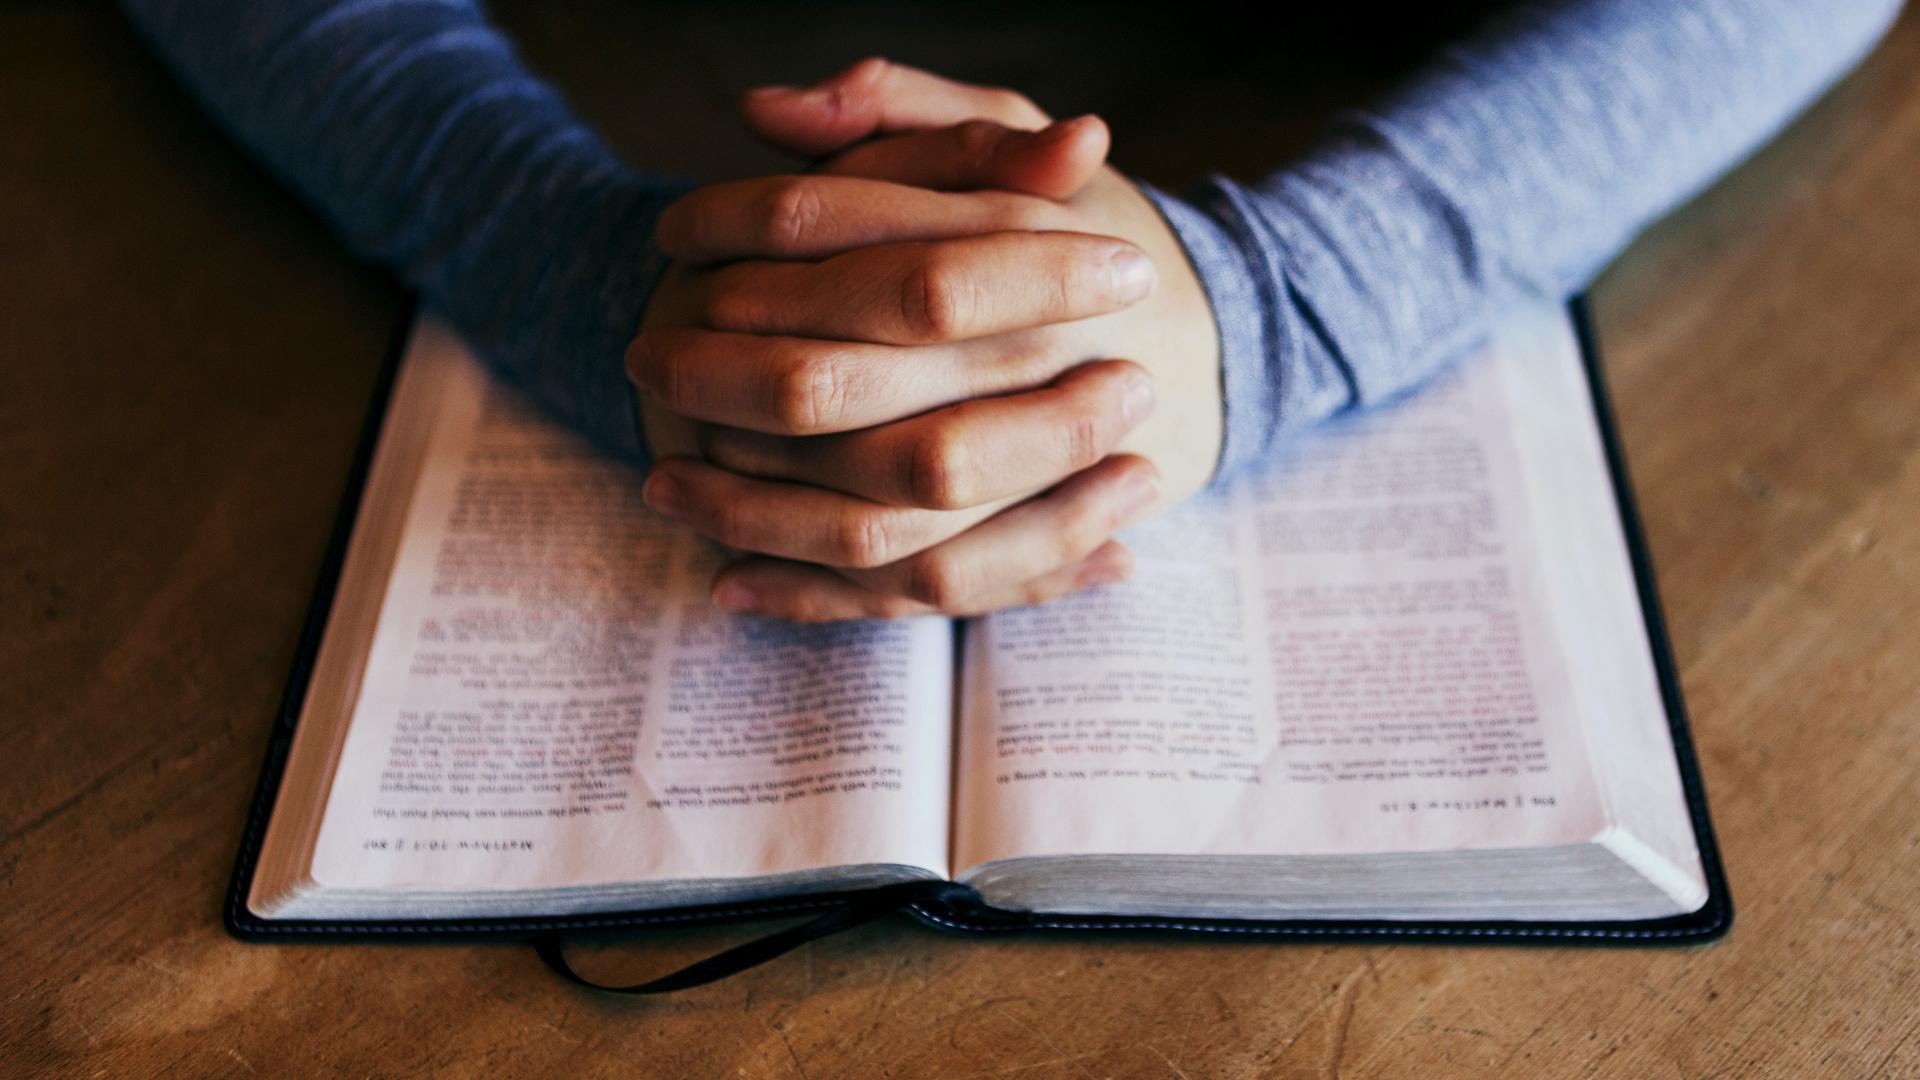 Bischöfe wollen an der Übersetzung des Vaterunsers festhalten